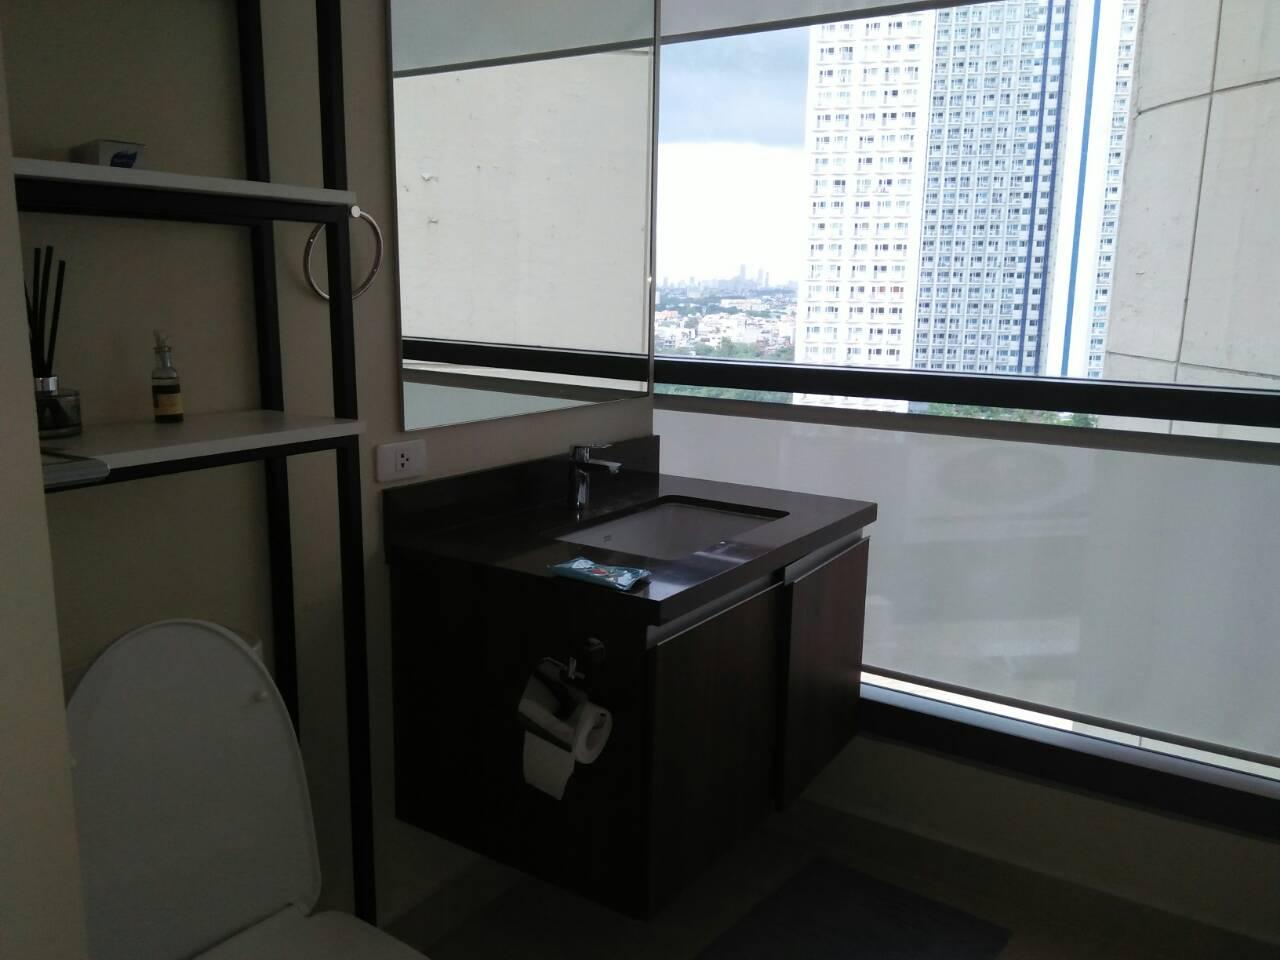 2 Bedrooms Condo, Shang Salcedo Place Bathroom View 2